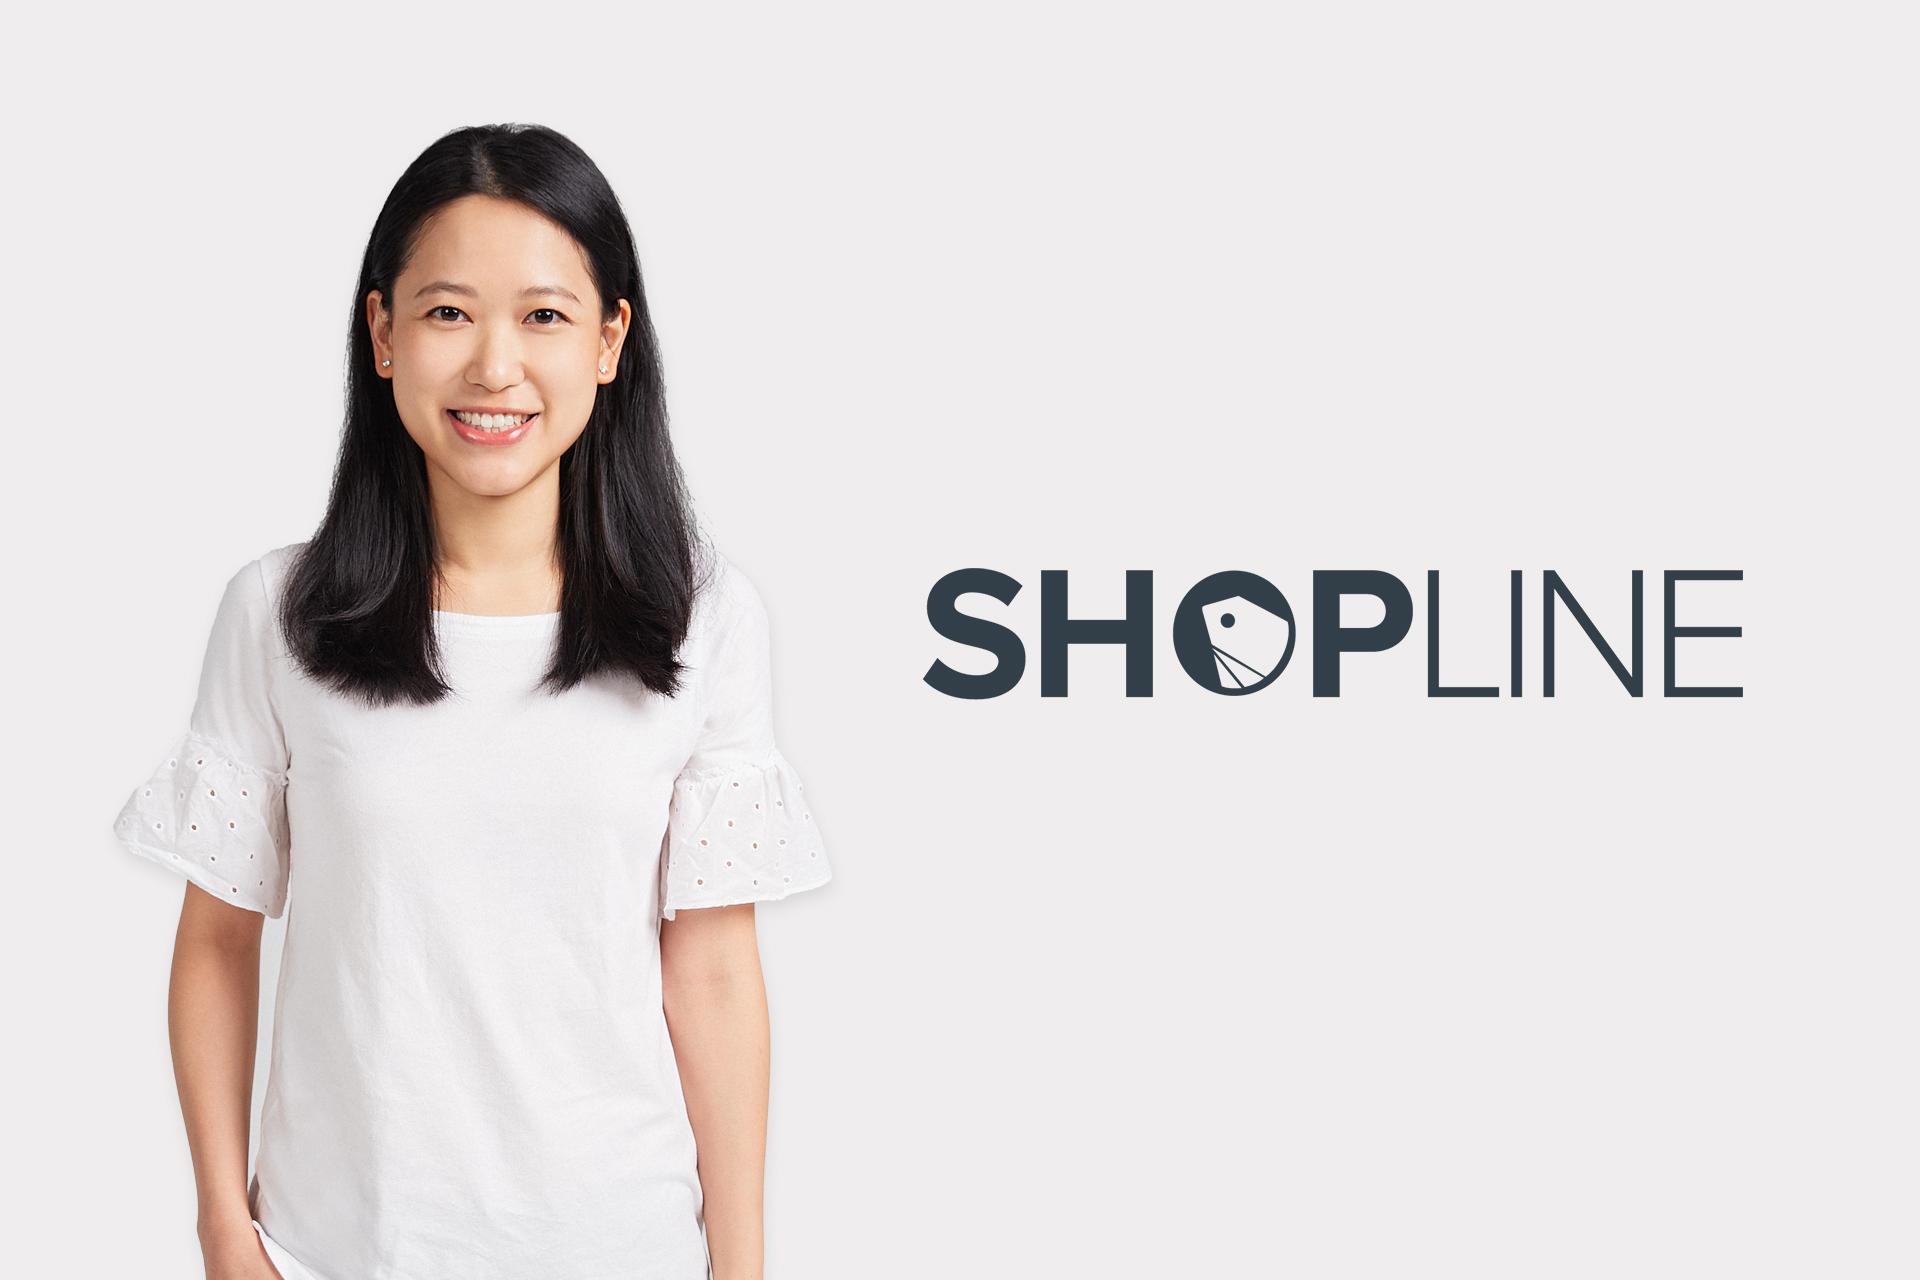 我們要打造一個生態圈,幫助全球商家把生意做更好- 專訪SHOPLINE COO Fiona